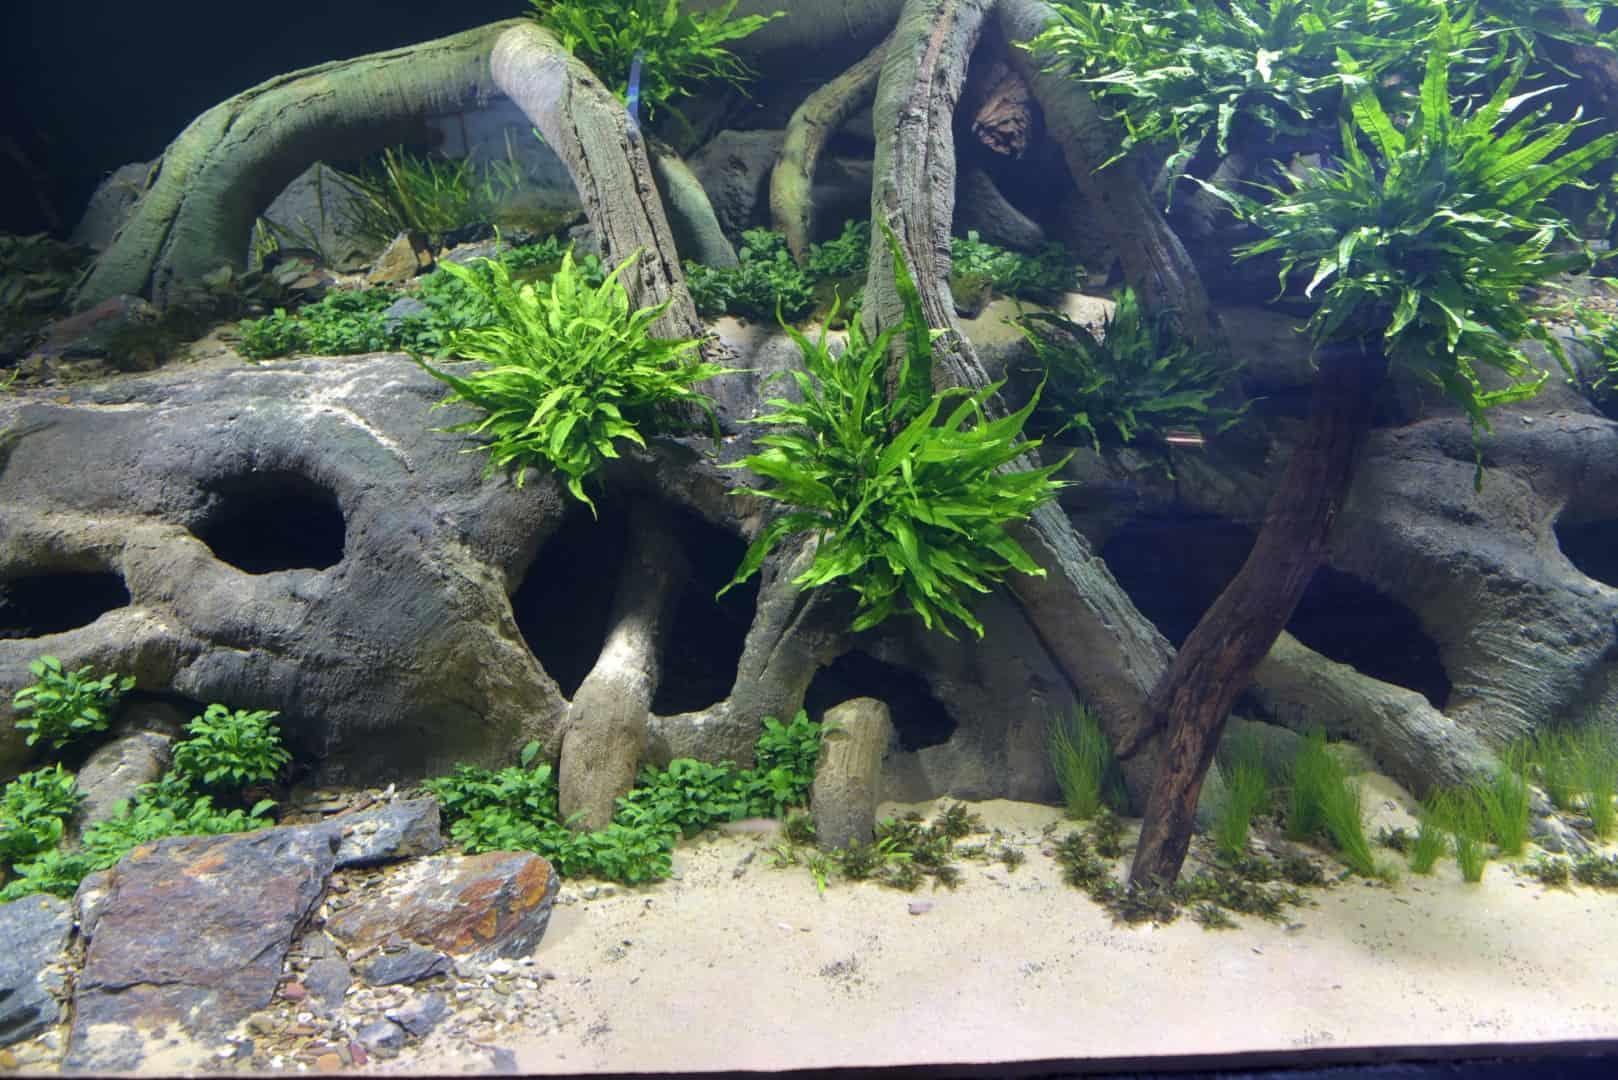 205 - Das 28.000 Liter Sumatra Flusslauf Aquarium im Tierpark Hagenbeck - Die Planung und Vorbereitung + Fakten (Stefan Hummel) 12